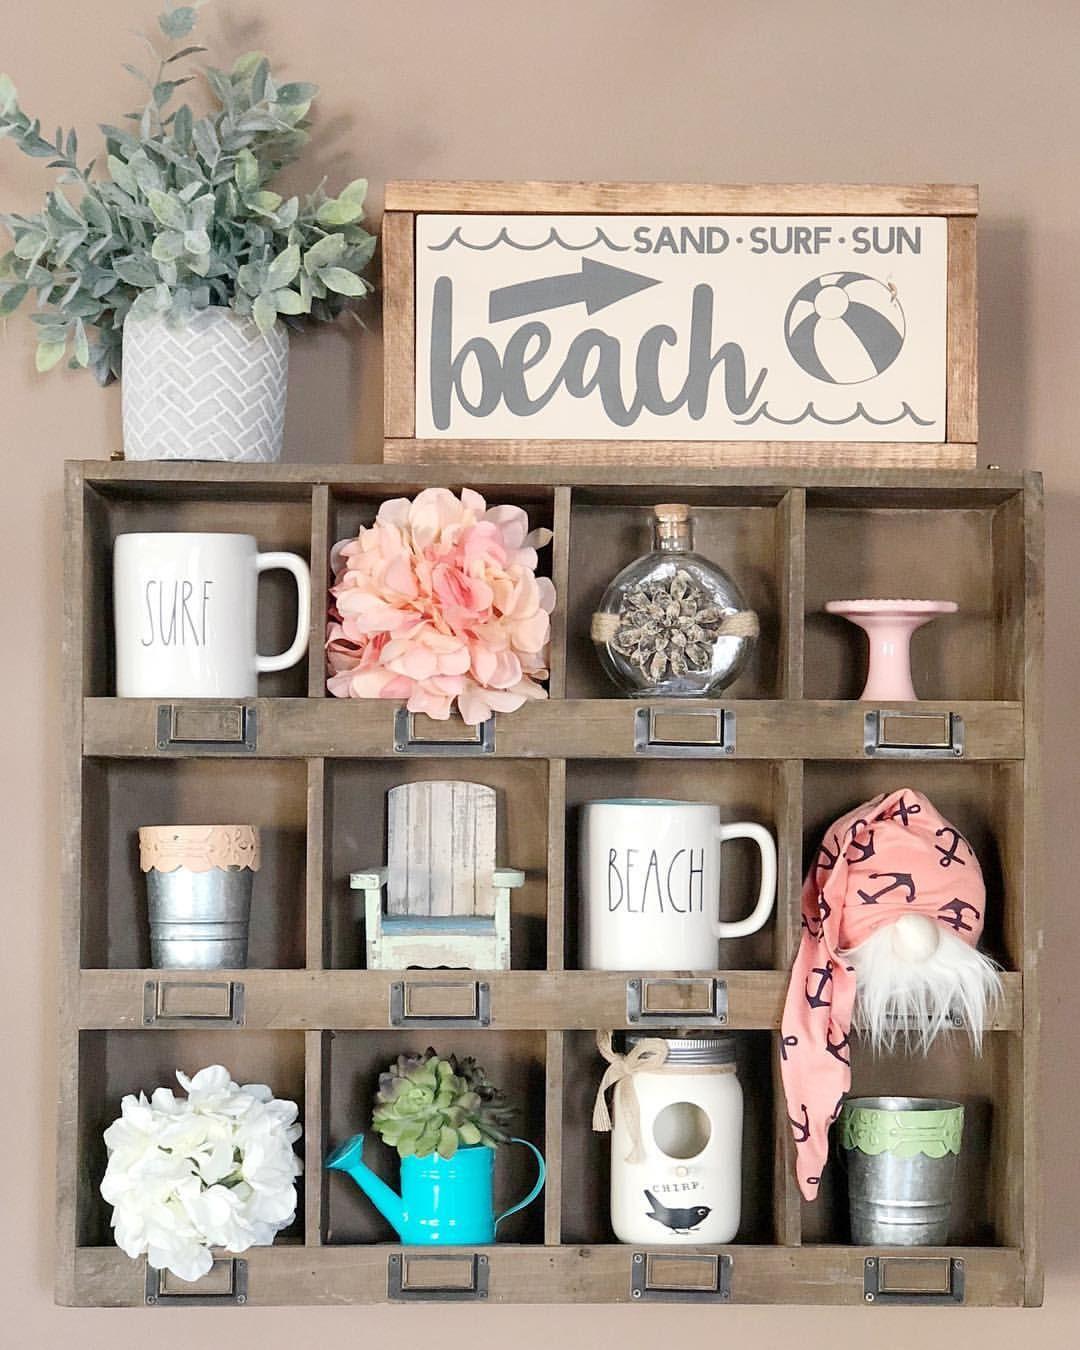 Hobby Lobby Shelf With Beach Decor Wall Cubby Decor Hobby